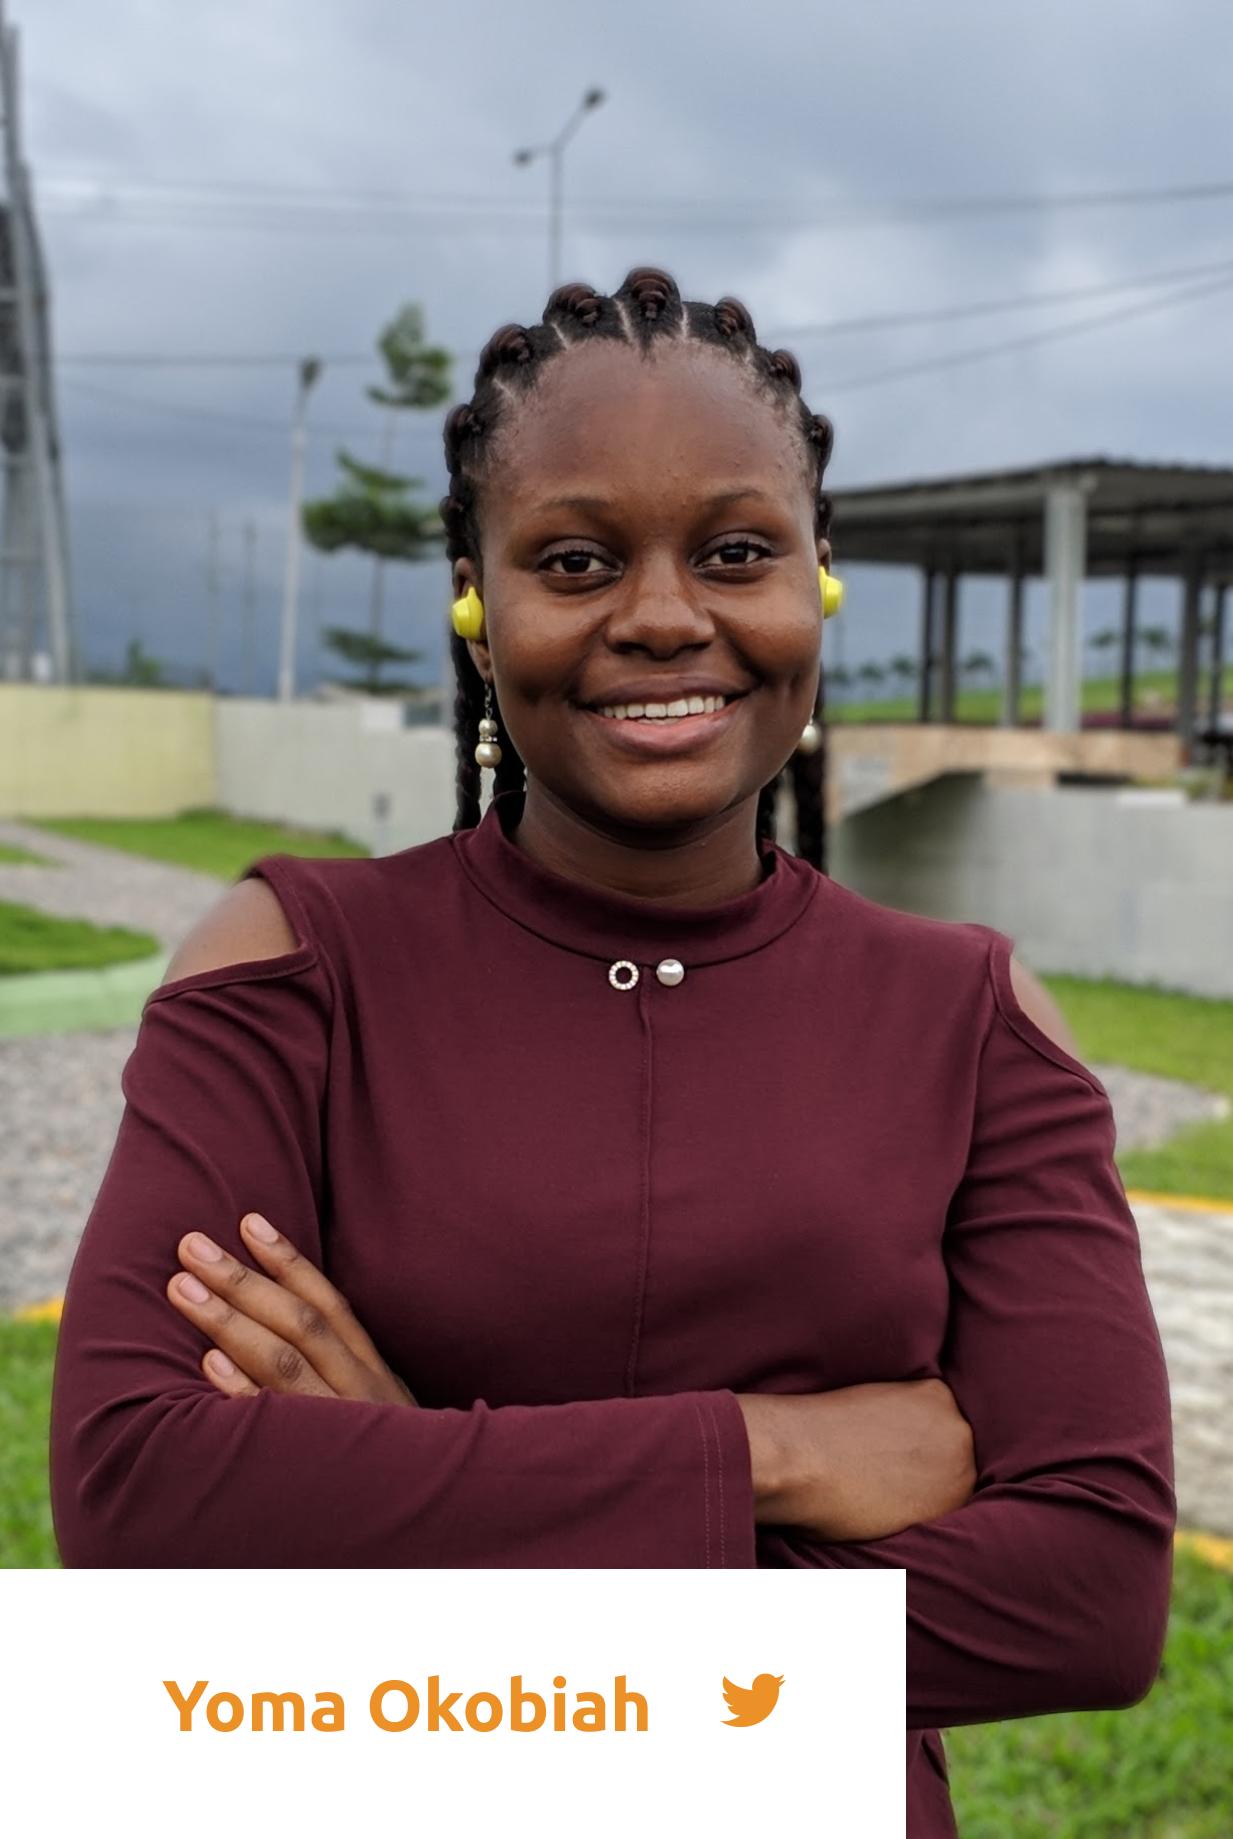 Yoma Okobiah